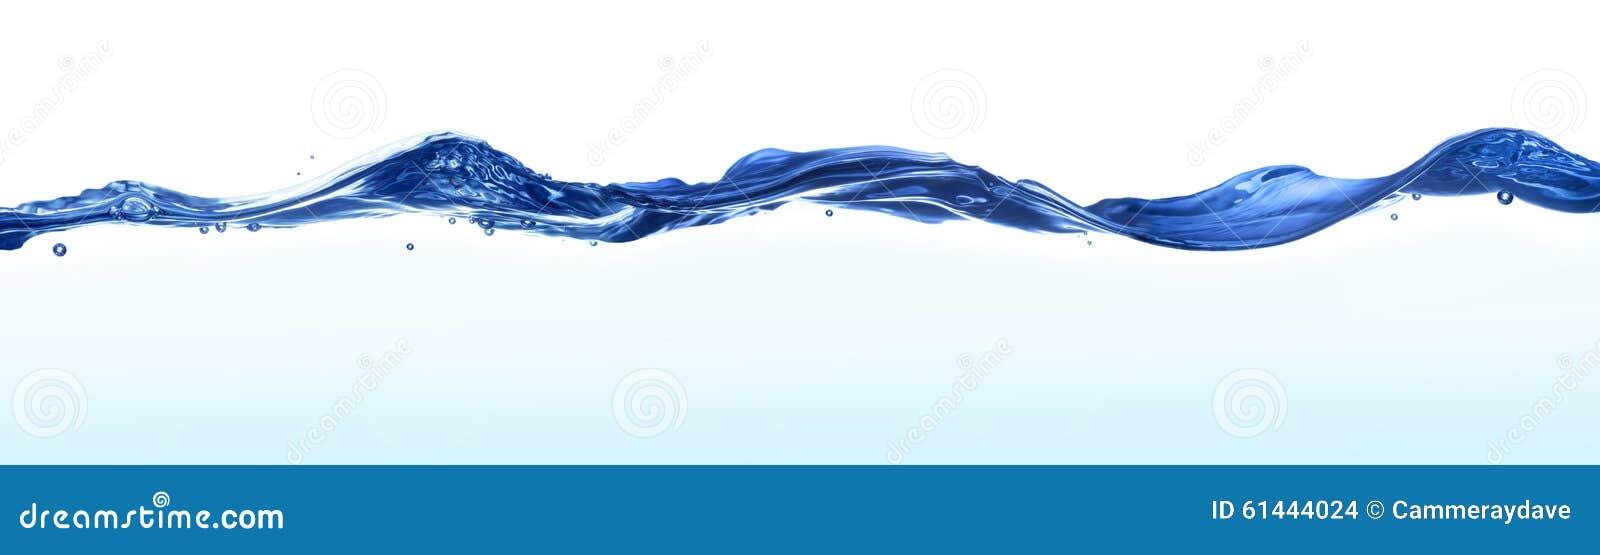 Fondo de la bandera del agua de las ondas